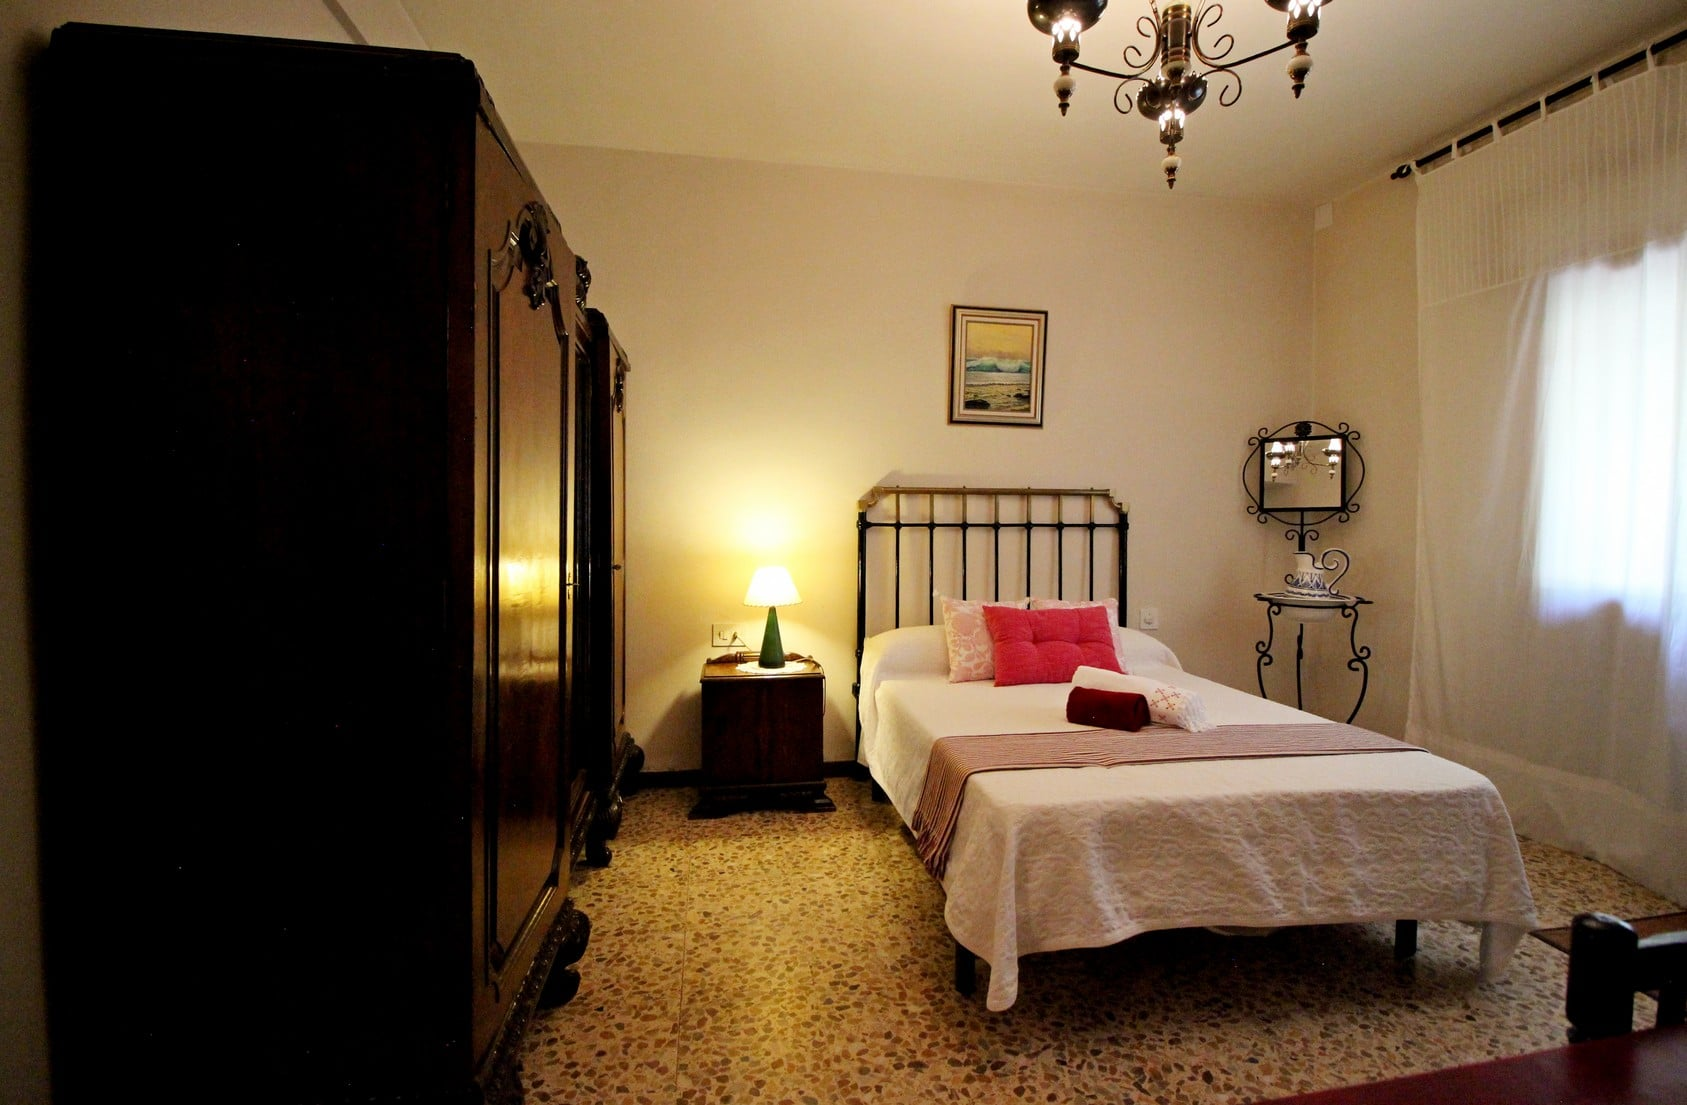 habitación5_las_hazas jarandilla019